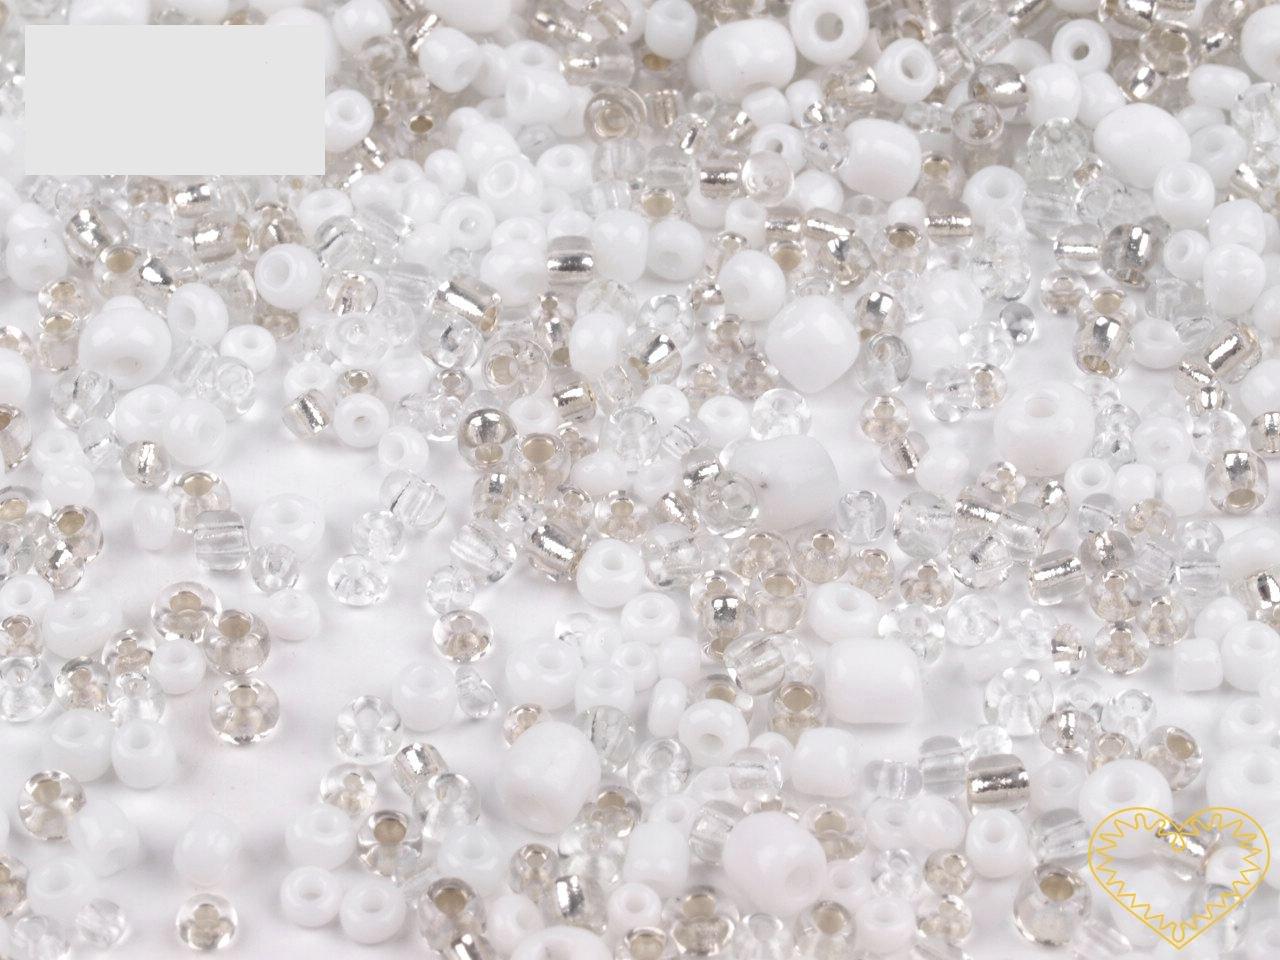 Bílý mix skleněných korálků - balení 50 g. V mixu jsou obsaženy korálky velikosti 2, 3 a 4 mm v bílé a čiré barvě různých odstínů. Korálky jsou vhodné pro tvoření s dětmi, pro výrobu bižuterie i dalších ozdob.